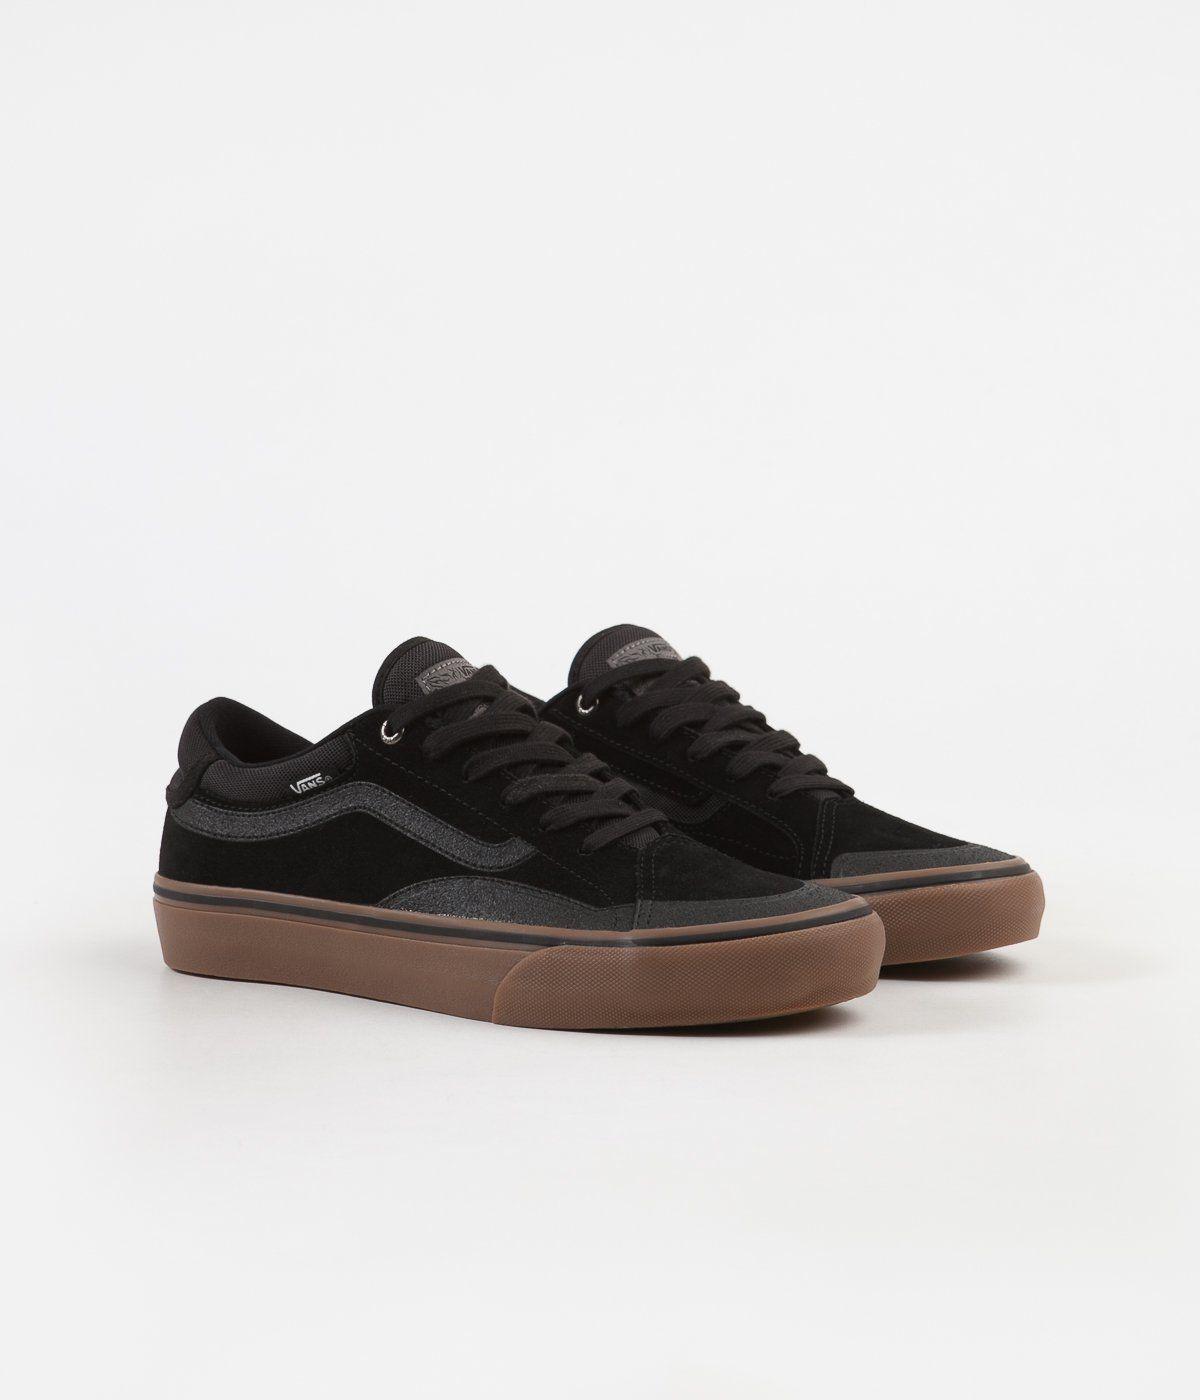 vans tnt 5 black gum